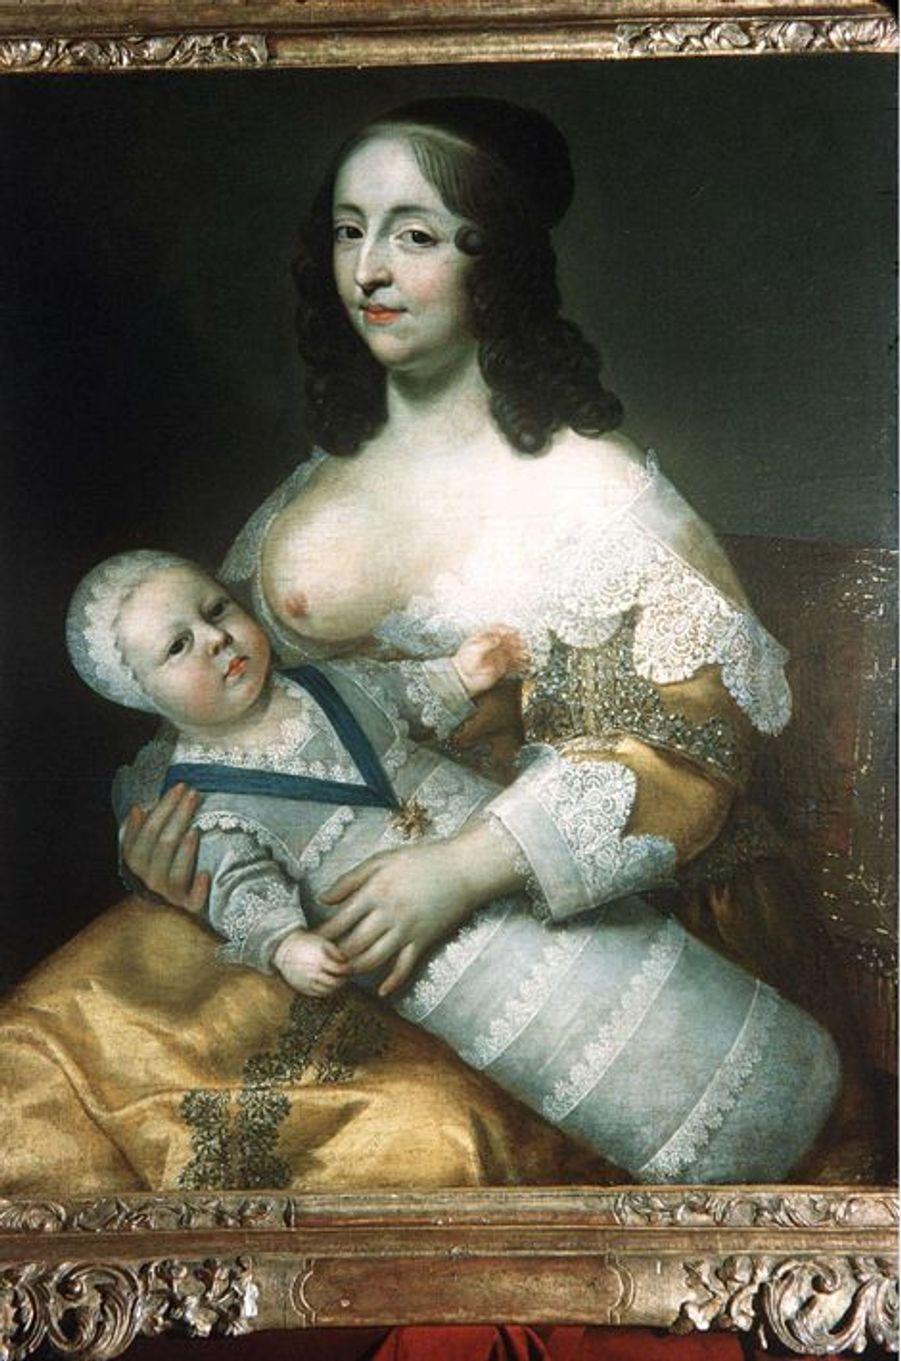 Et toutes les autres!Louis XIV eut bien d'autres maîtresses que Madame de Montespan, la duchesse de Fontanges et Madame de Maintenon. Certaines, officielles, ont laissé leur nom dans l'histoire, beaucoup sans doute sont restées anonymes. D'autant que si l'on en croit sa belle-sœur, la princesse palatine Charlotte-Élisabeth de Bavière, épouse de Philippe d'Orléans, les conquêtes féminines de Louis XIV se comptaient à la pelle et celui-ci n'était pas regardant quant à l'origine sociale de ces dames et demoiselles. «Le roi était galant, mais souvent débauché; tout lui était bon, pourvu que ce fussent des femmes; paysannes, filles de jardiniers, femmes de chambre, dames de qualité, pourvu qu'elles fissent seulement semblant d'être amoureuses de lui», écrivait-elle en effet en décembre 1718, trois ans après le décès du souverain. Il faut dire qu'elle devaient être nombreuses à la cour de Versailles à minauder pour tenter d'attirer l'attention du monarque et plus si affinités.Et parmi les femmes qui ont occupé une place importante dans la vie du roi Soleil, n'oublions pas ses nourrices, qu'il épuisait raconte-t-on par sa voracité. L'une d'entre elles, Elisabeth Ancel, épouse de Jean Longuet, seigneur de La Giraudière, a été peinte, à la tâche, le royal bambin emmailloté, comme il était de coutume, sur ses genoux.